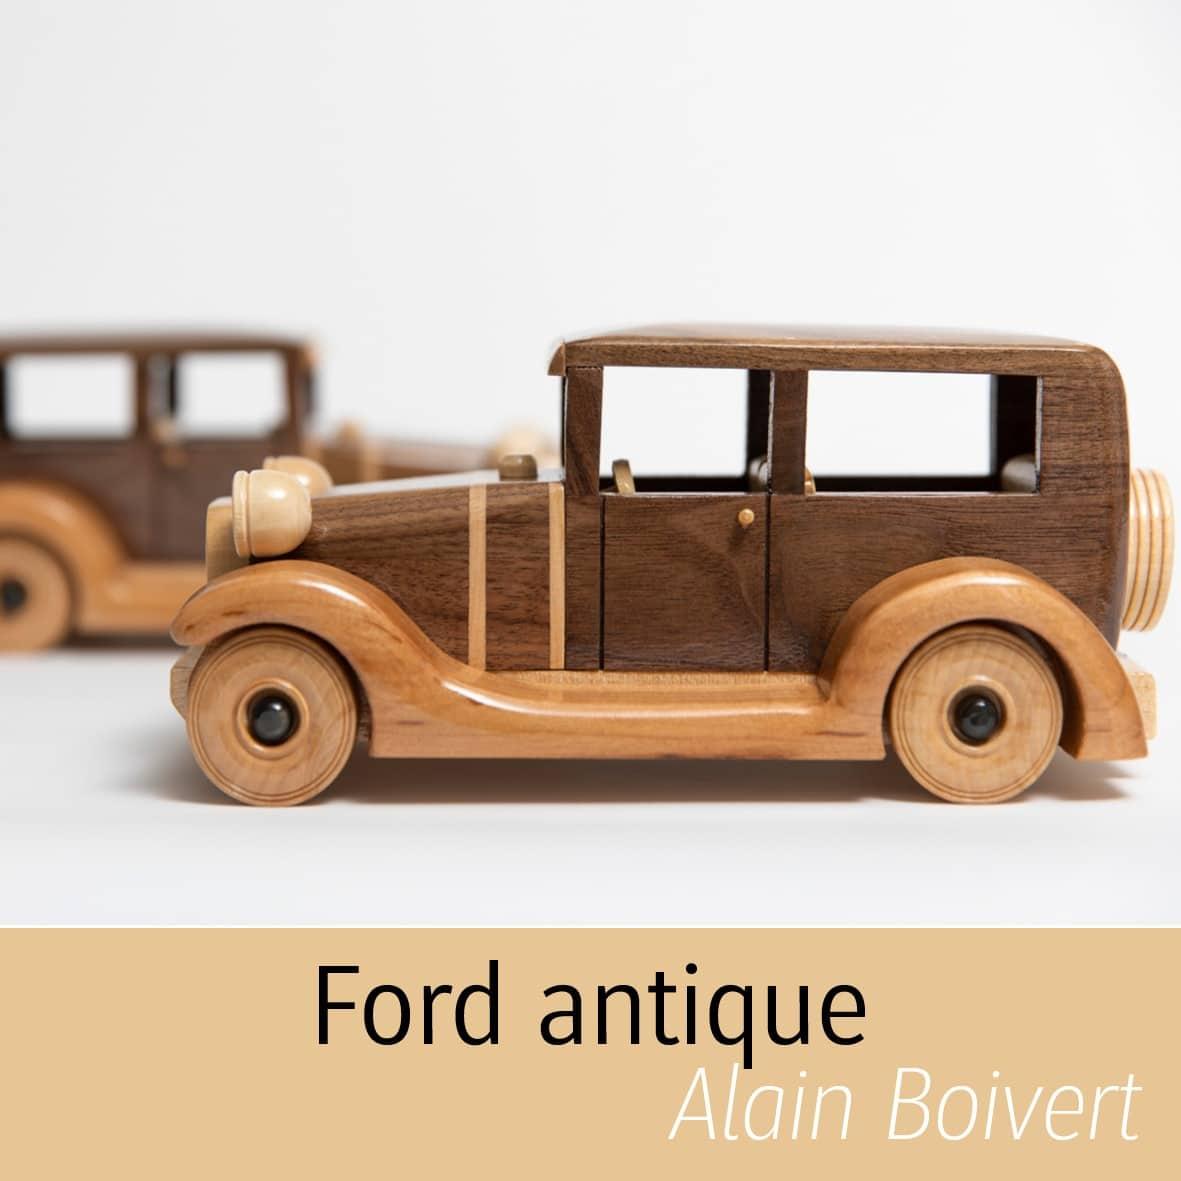 Ford antique Alain Boisvert